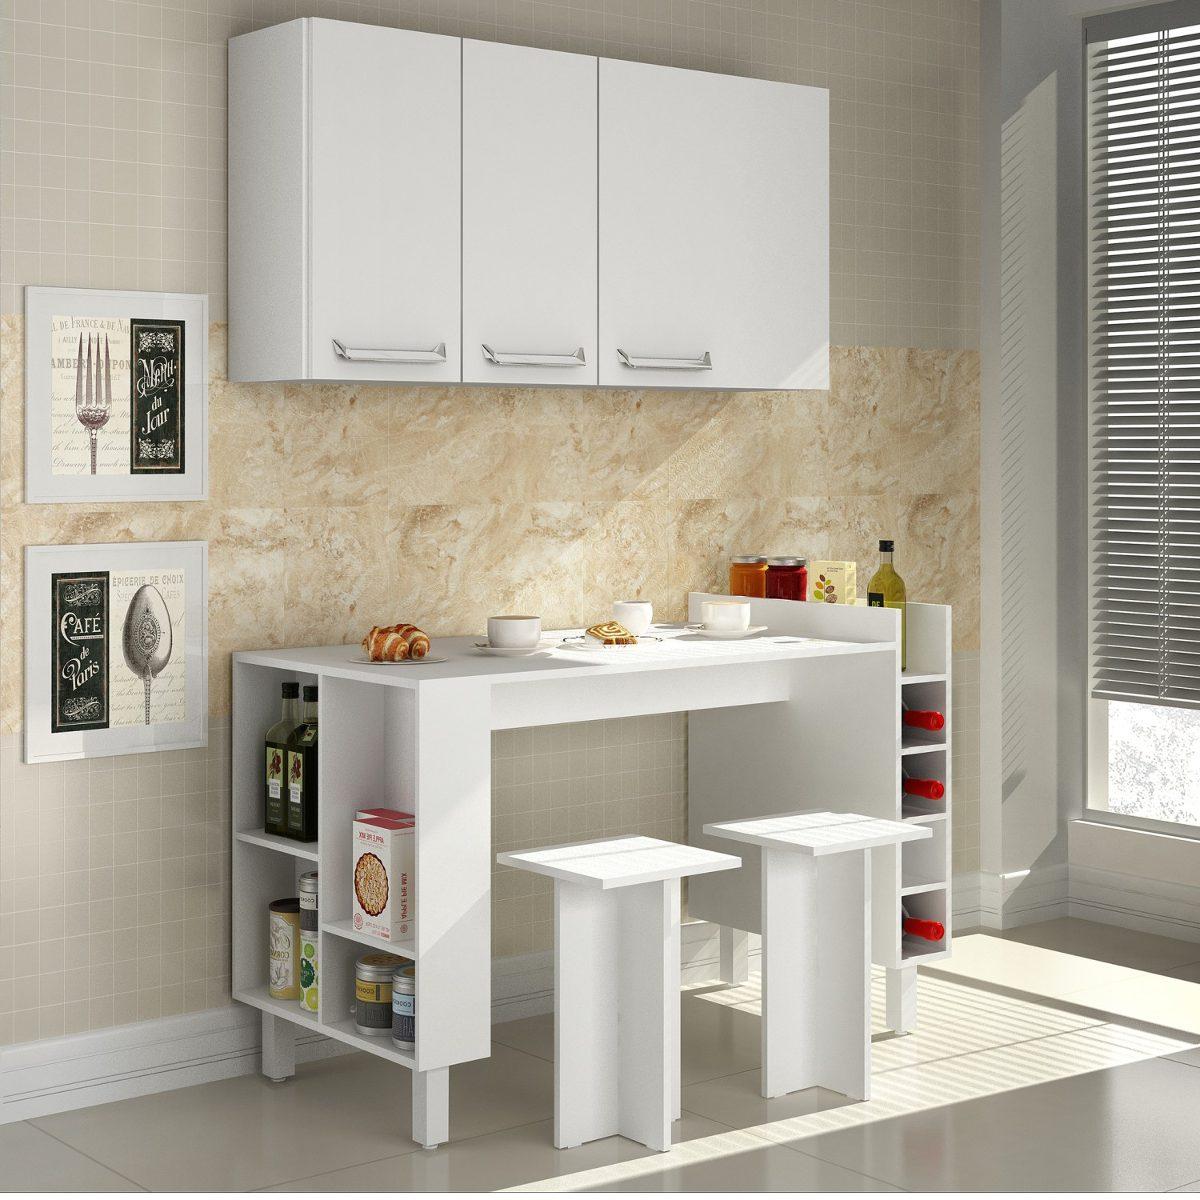 Cozinha Compacta 4 Pe As Com Mesa E 2 Bancos Decari Wt R 681 50